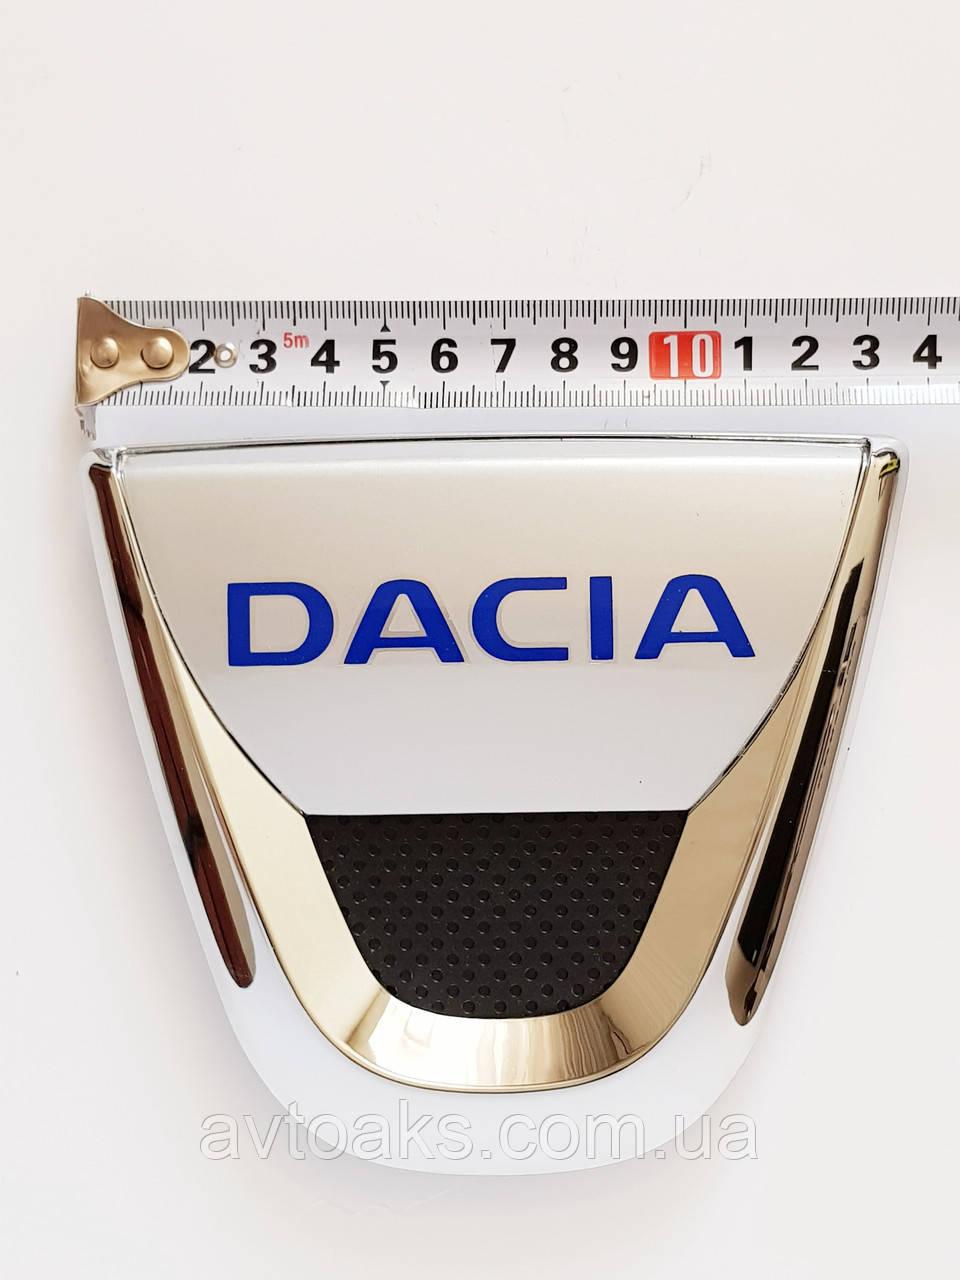 Эмблема Dacia 137х120 мм. перед.